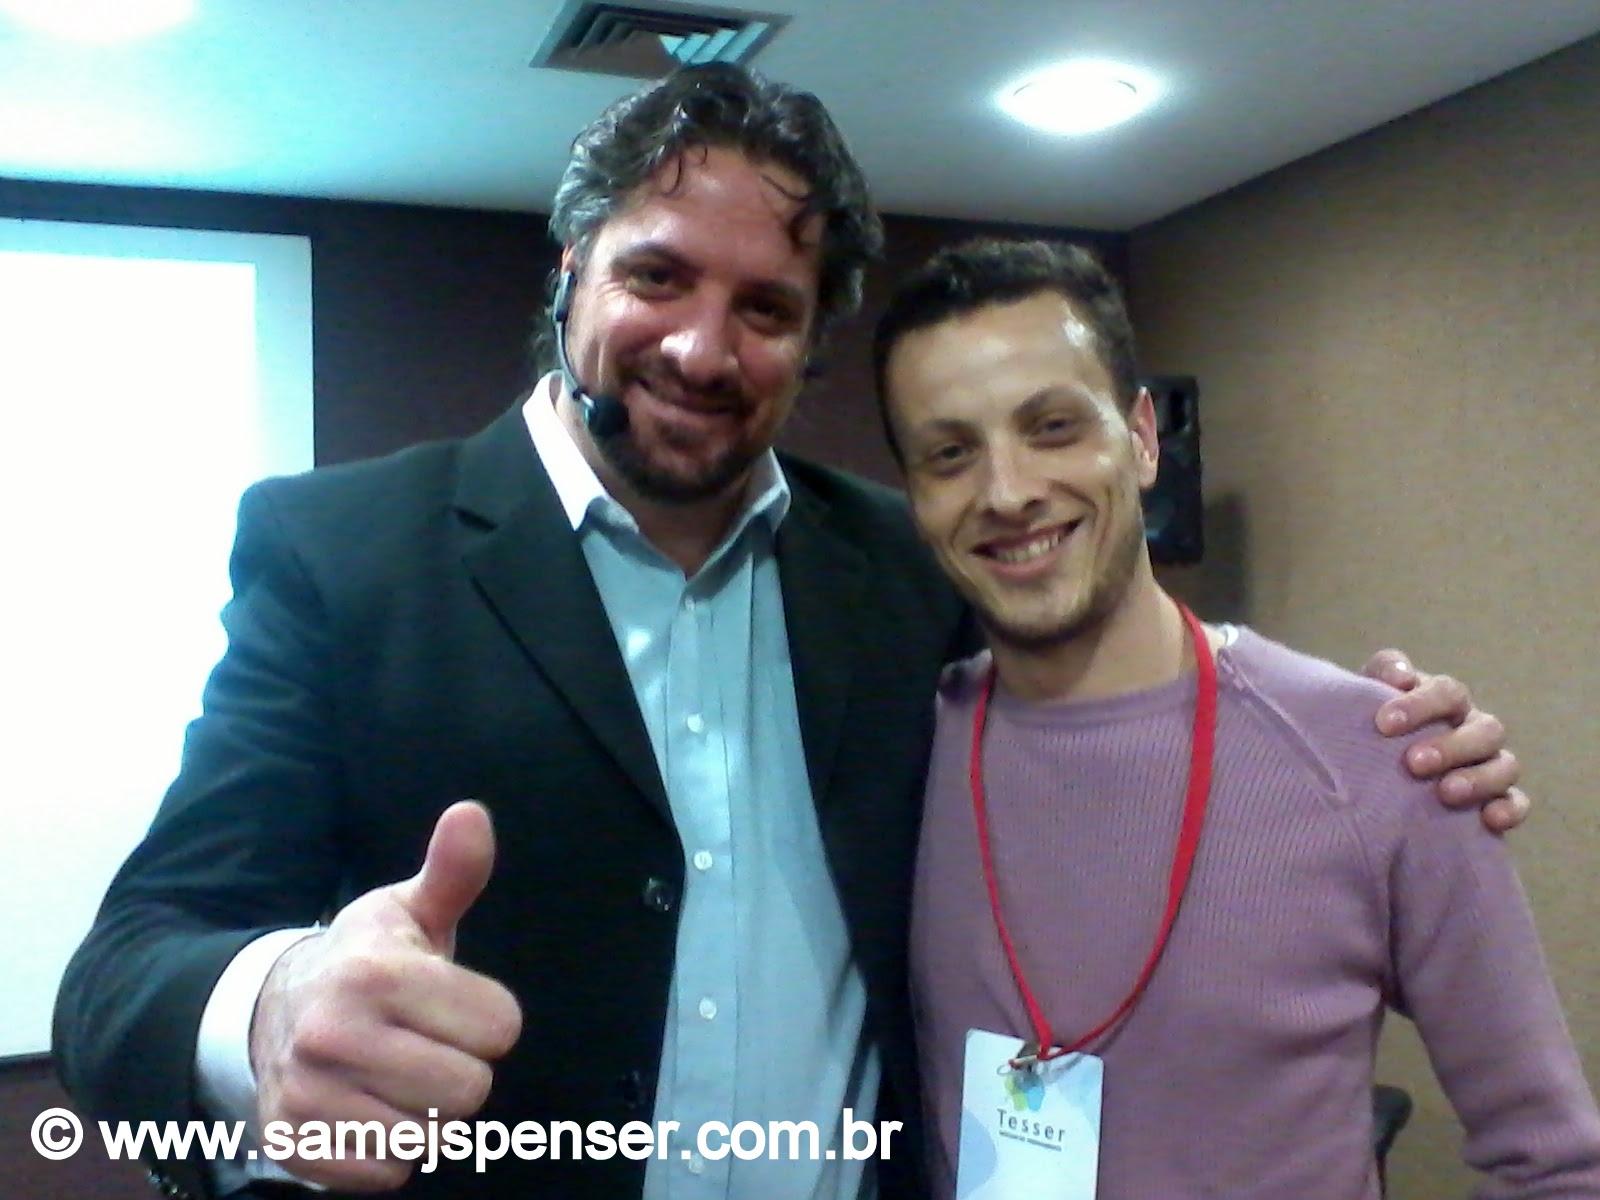 FOTO: Olimar Tesser e Samej Spenser | Arquivo pessoal de Samej Spenser